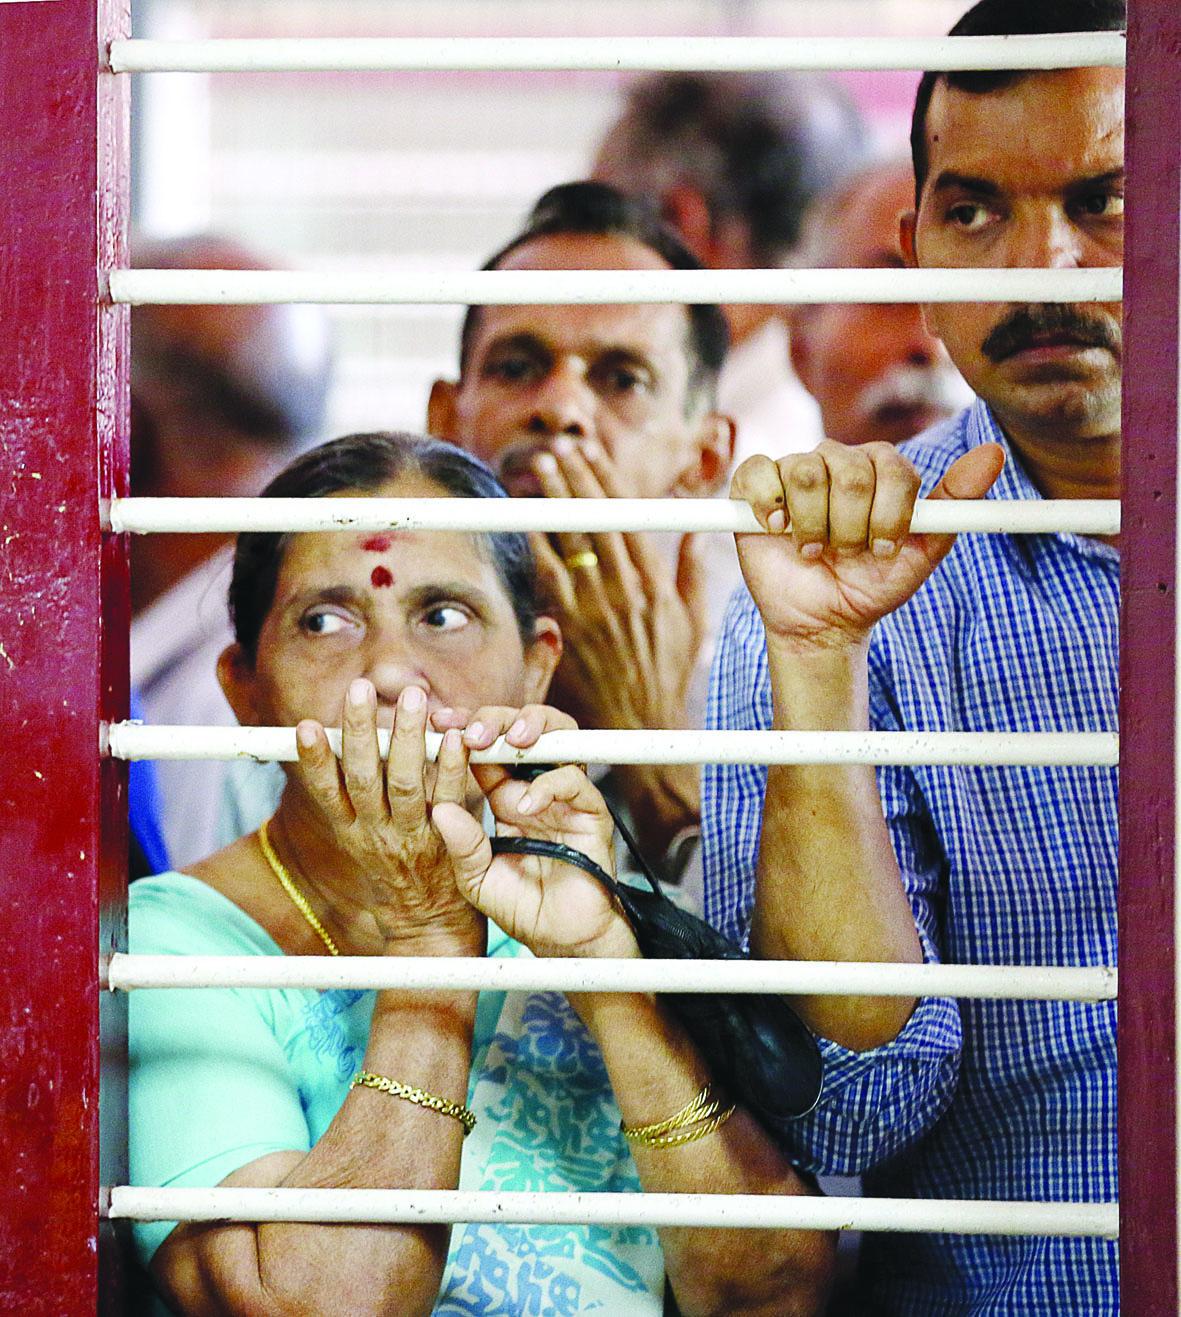 ശമ്പളമില്ല, പെന്ഷനുമില്ല: കേന്ദ്രം വാക്കു പാലിച്ചില്ലെന്ന് ധനമന്ത്രി